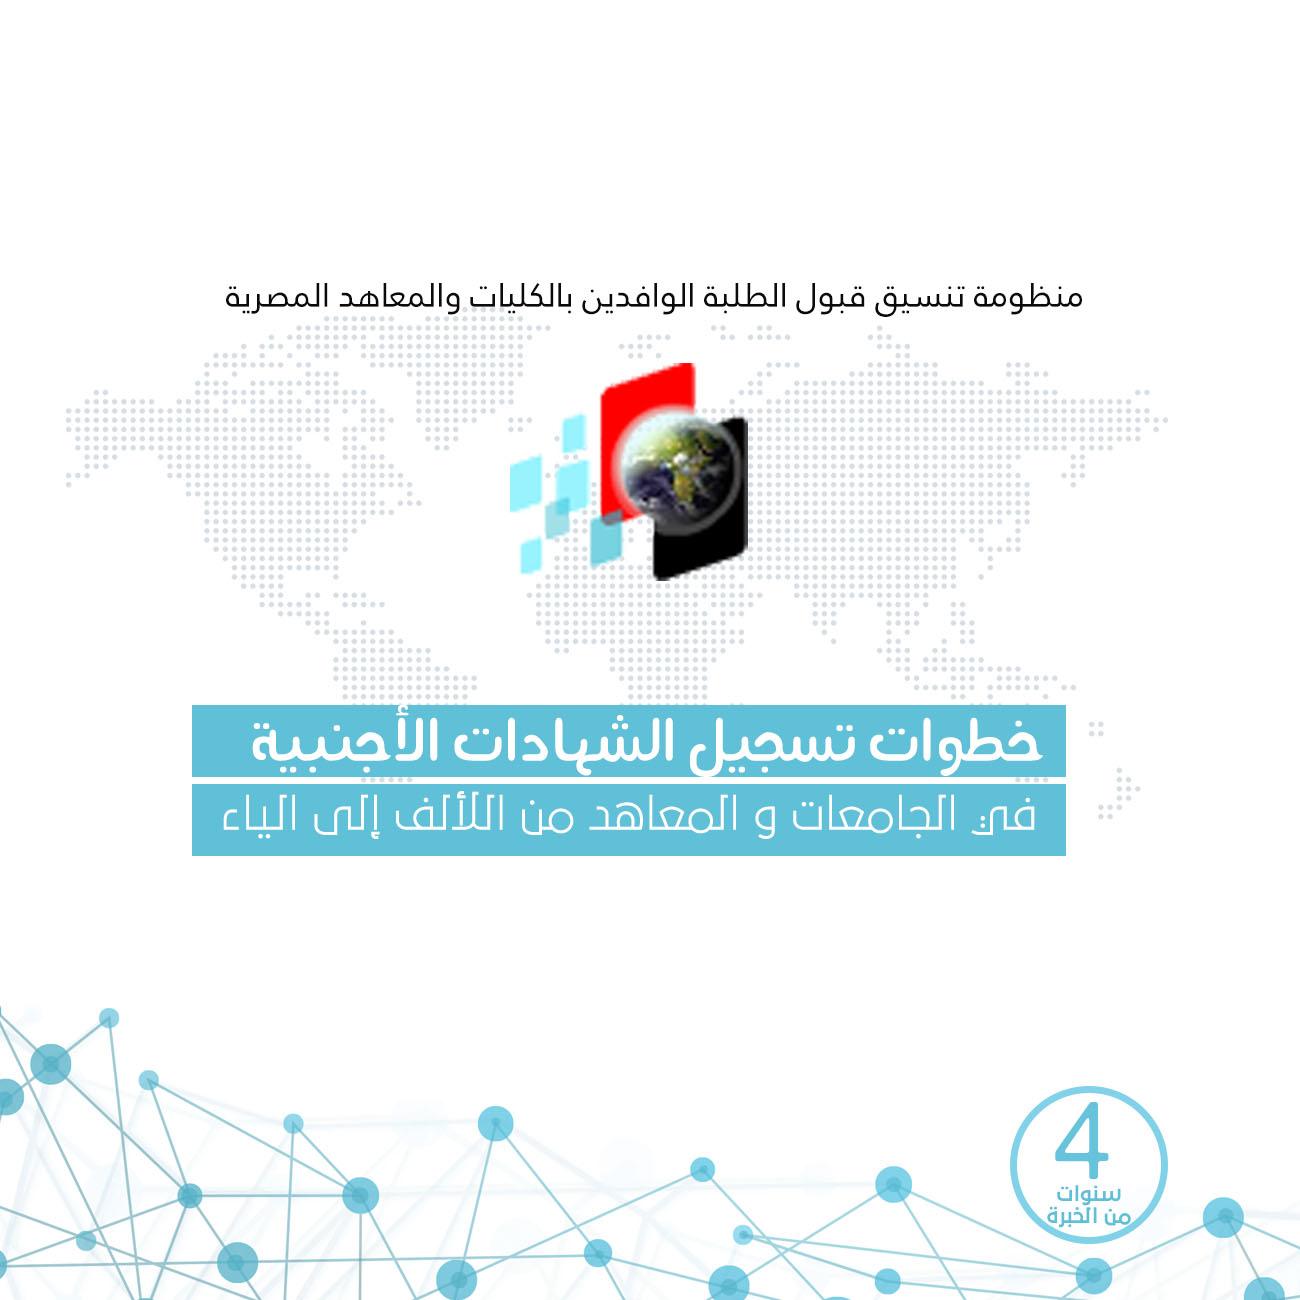 خطوات التسجيل في الجامعات و المعاهد المصرية للطلاب الوافدين